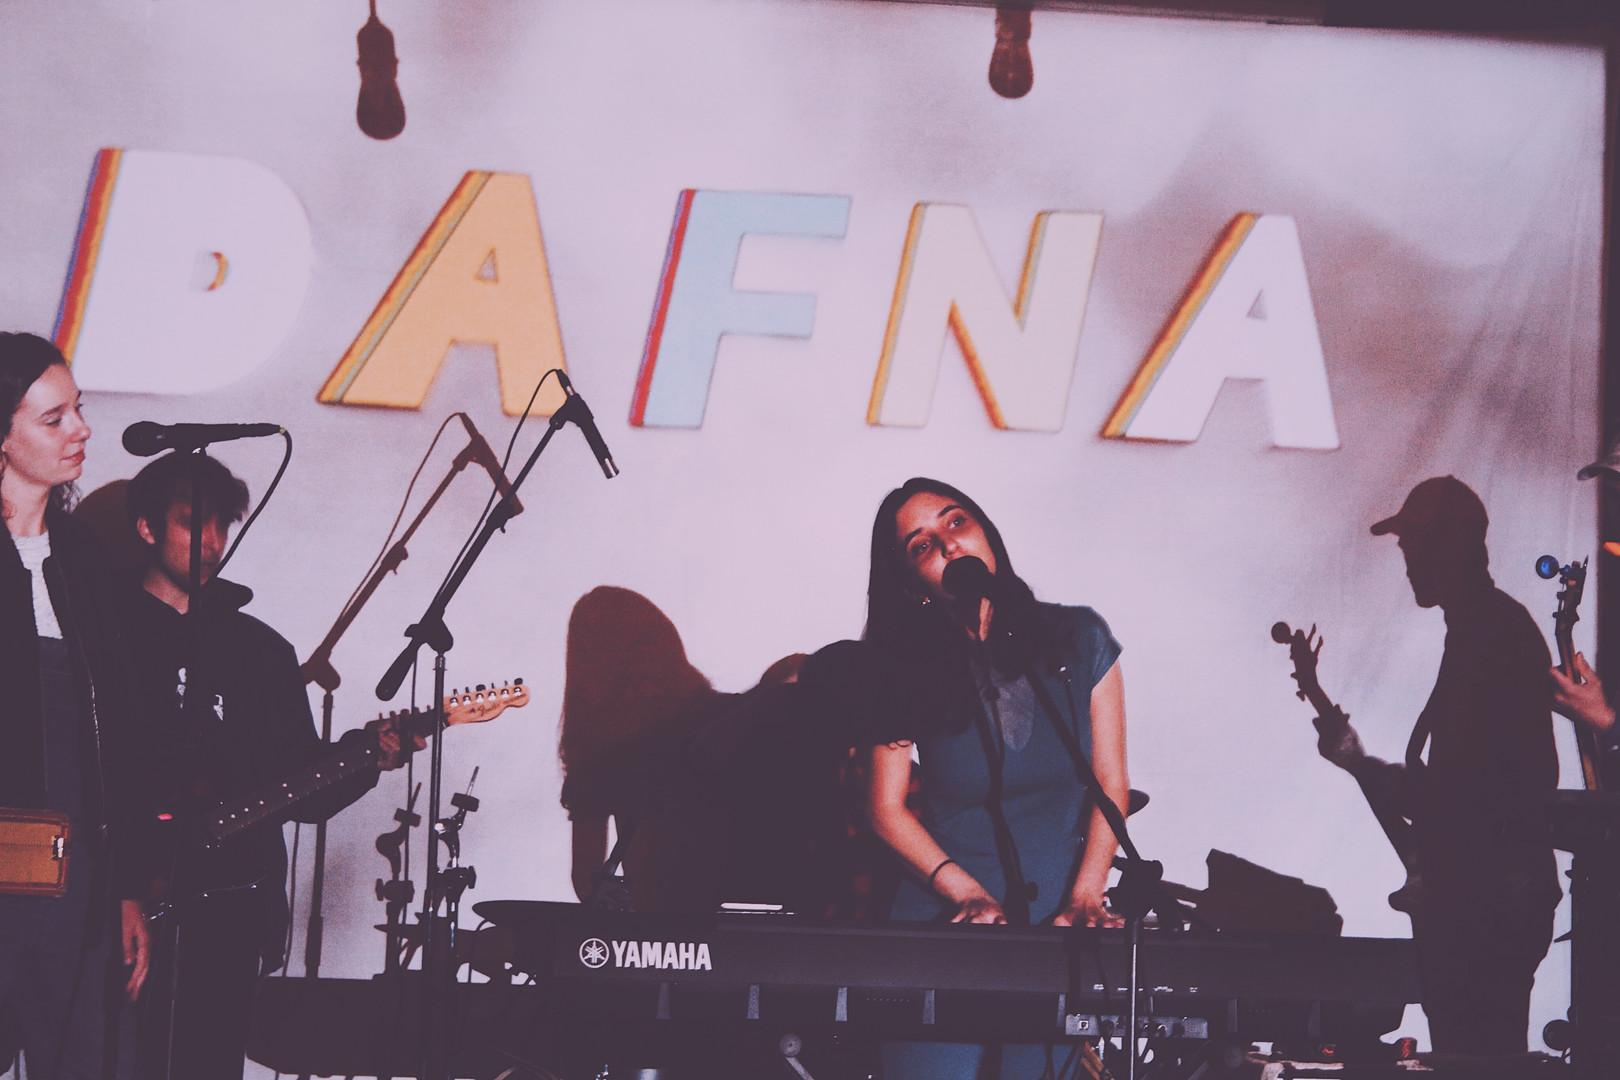 Dafna 01